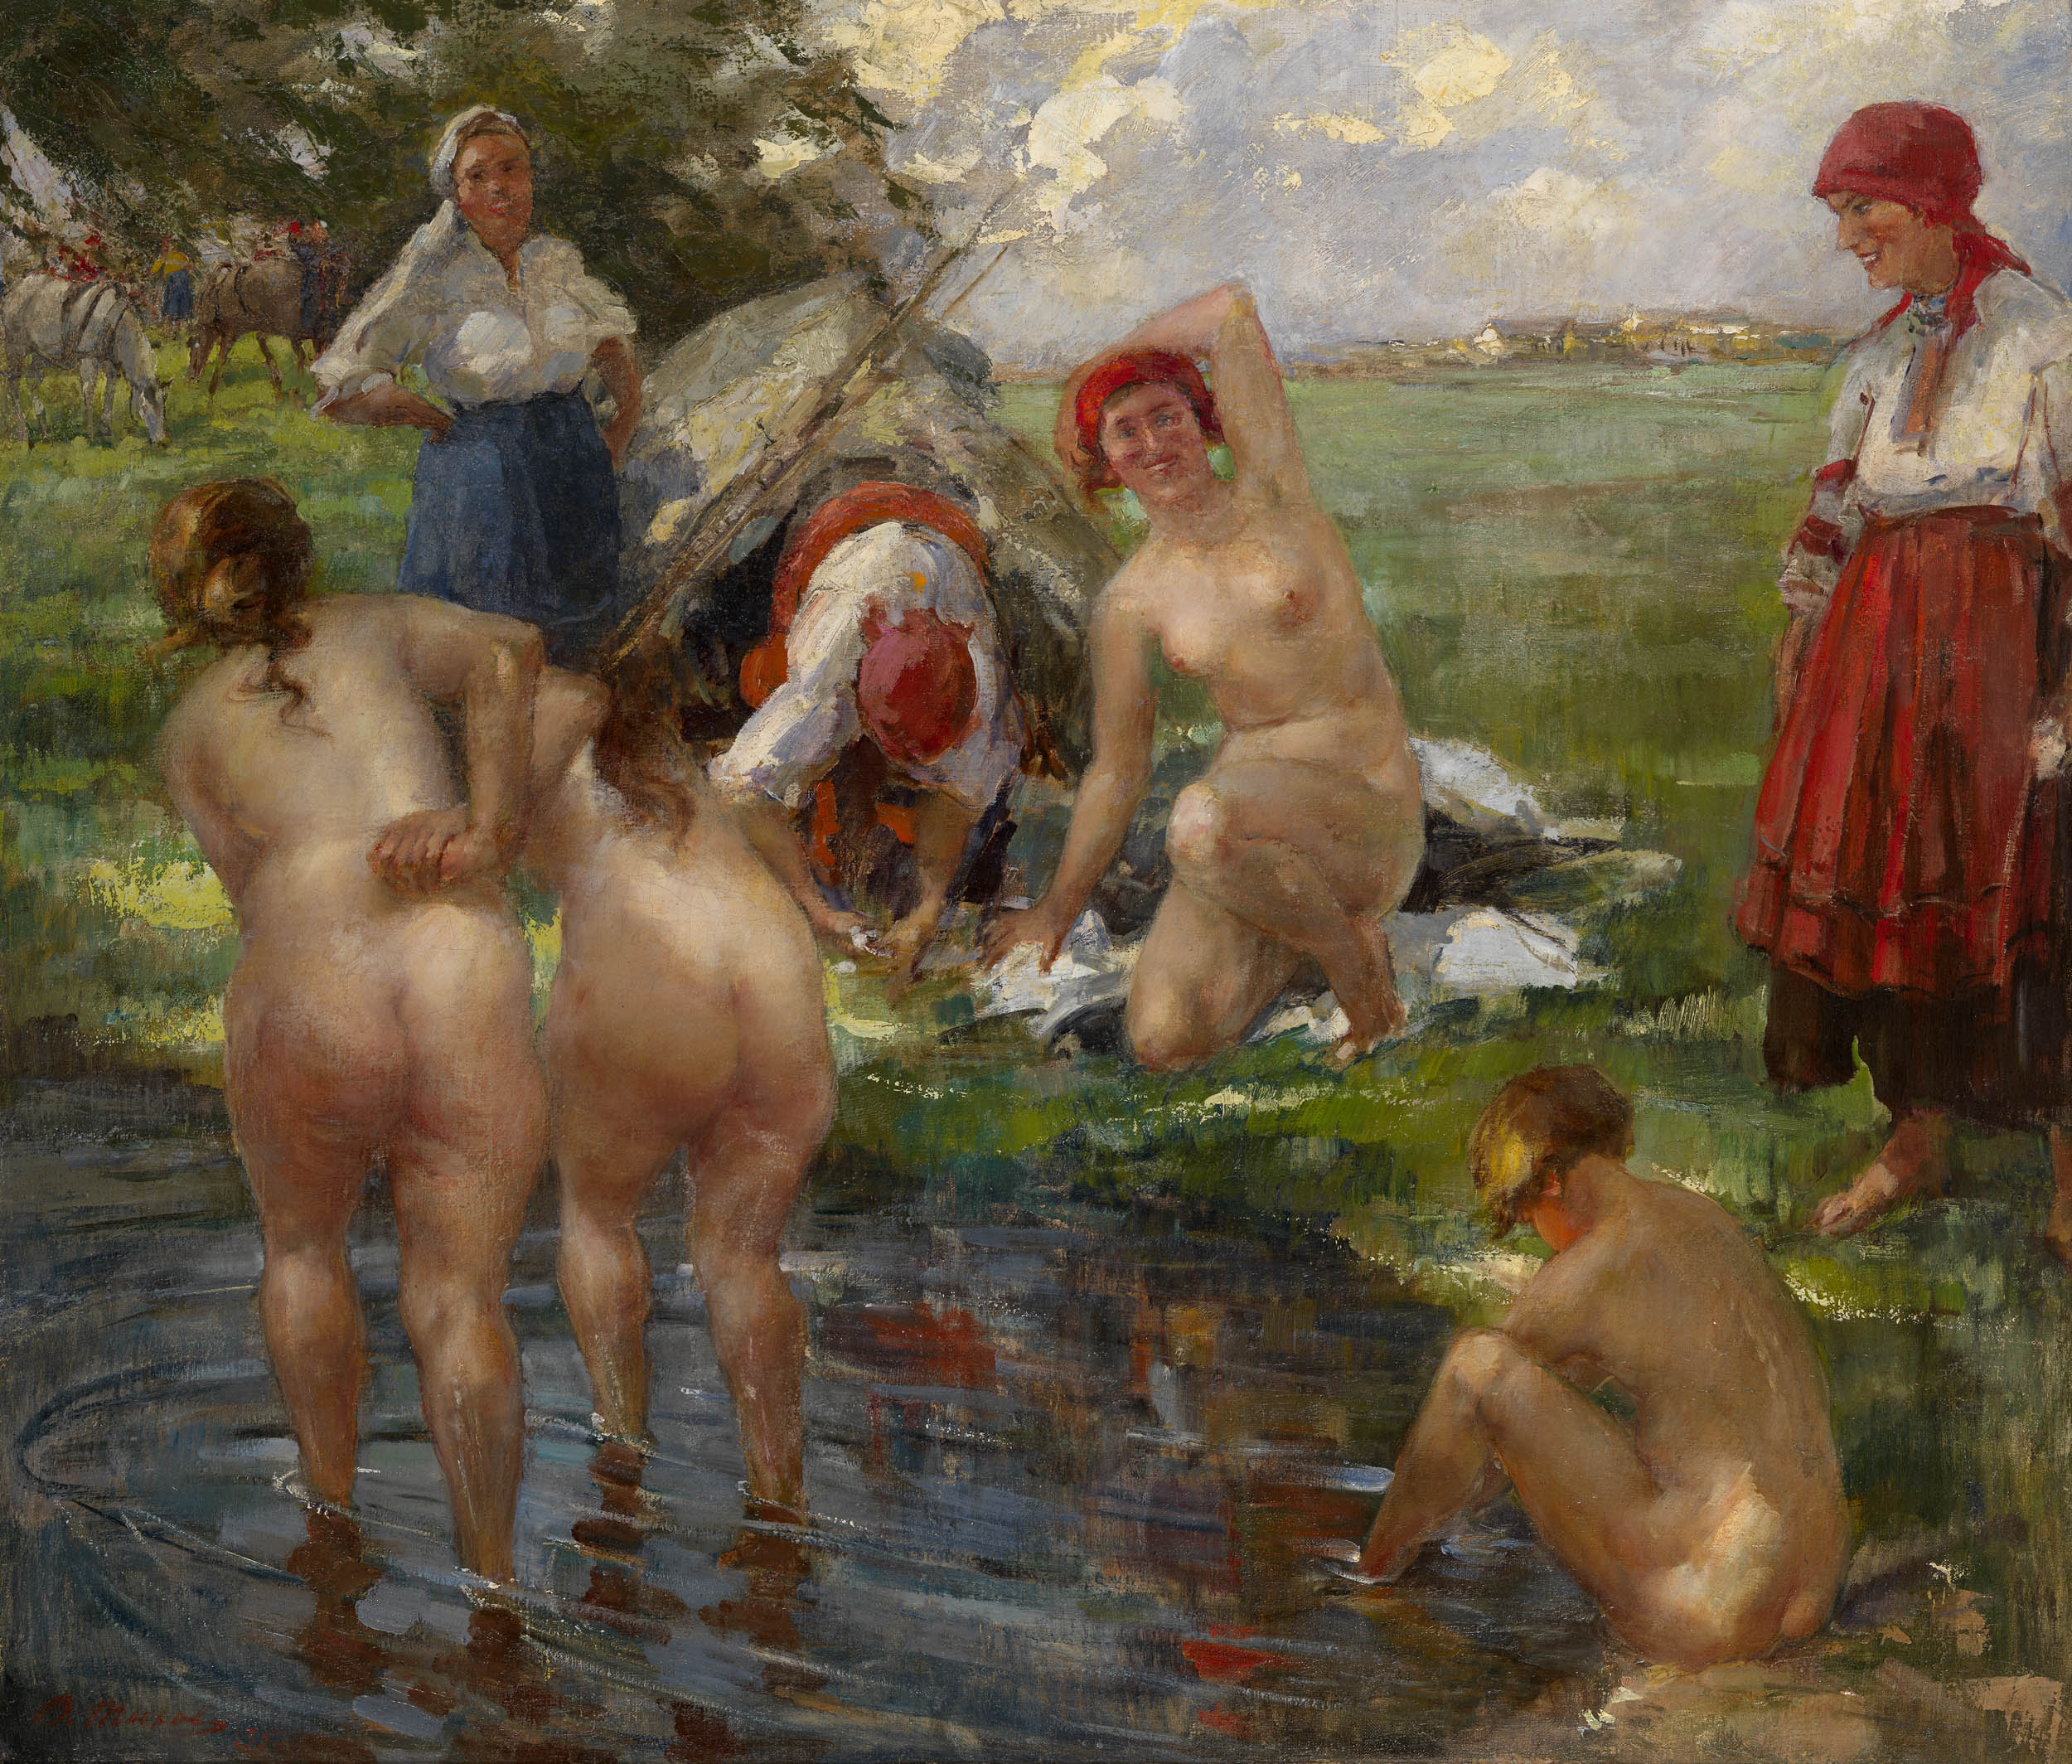 эротизм в живописи: